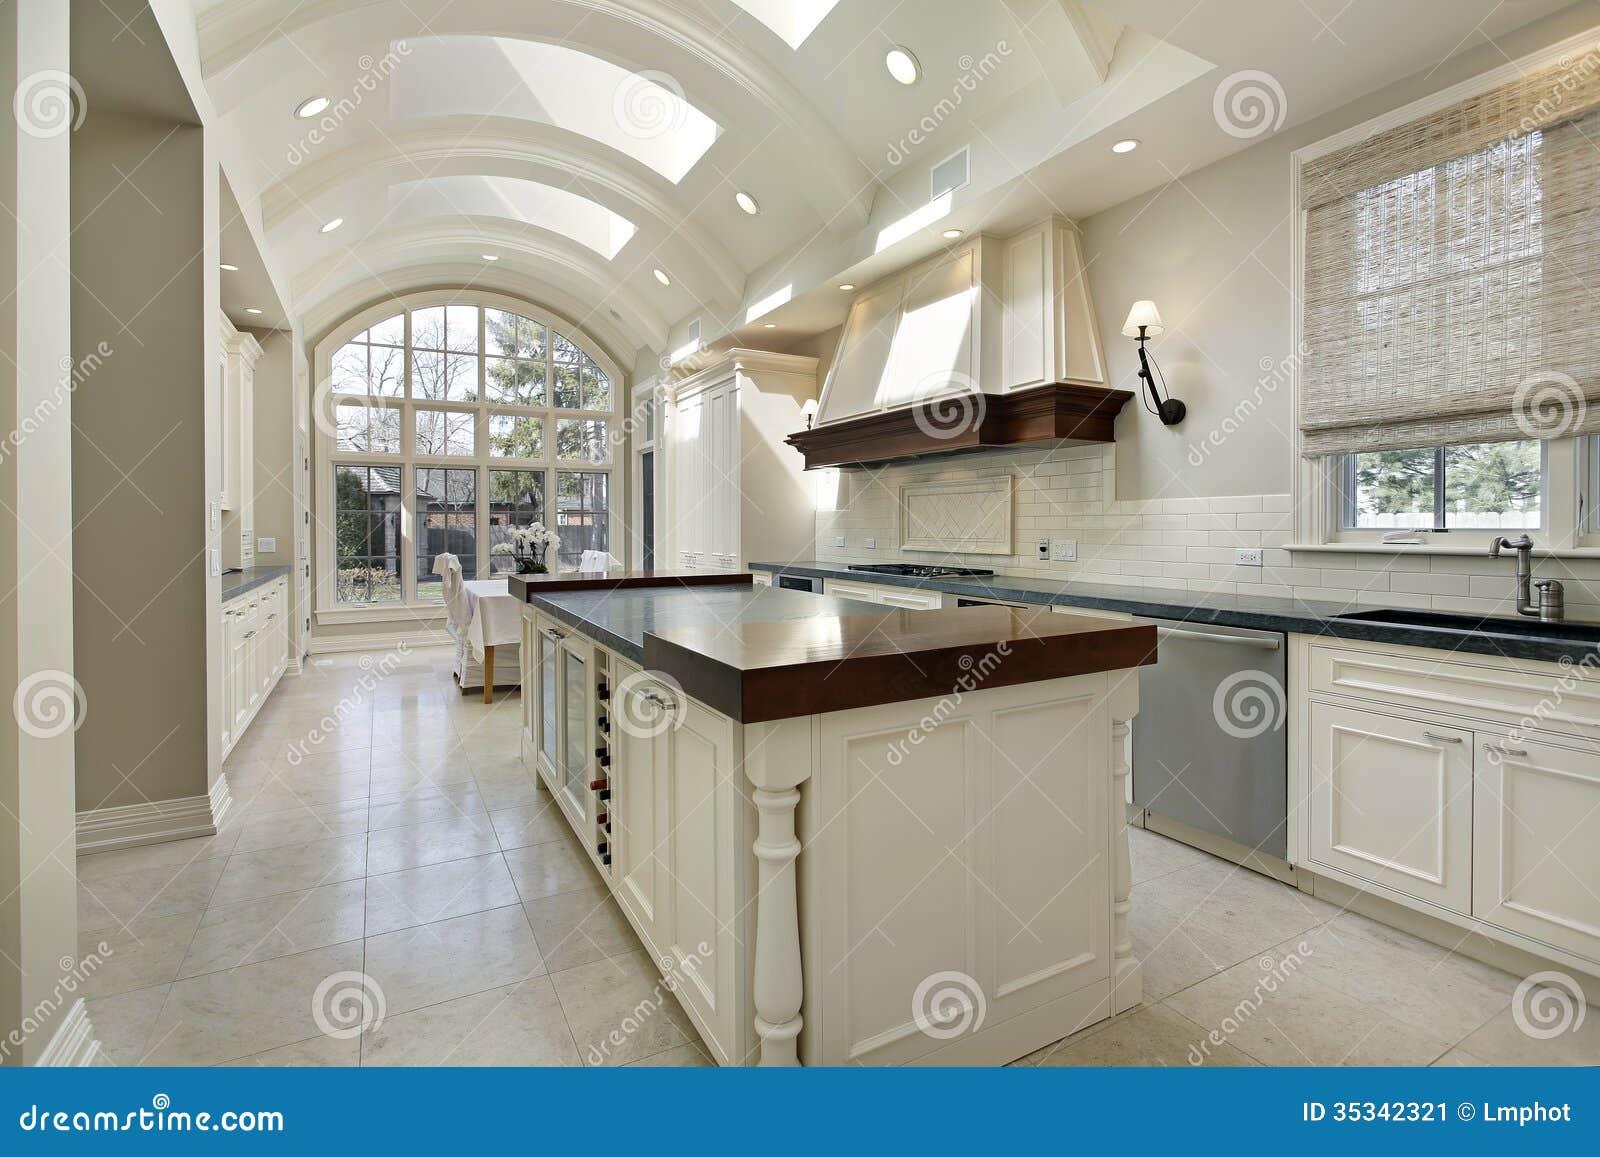 Keuken met gebogen plafond stock afbeelding afbeelding bestaande uit vloer 35342321 - Keuken met teller ...